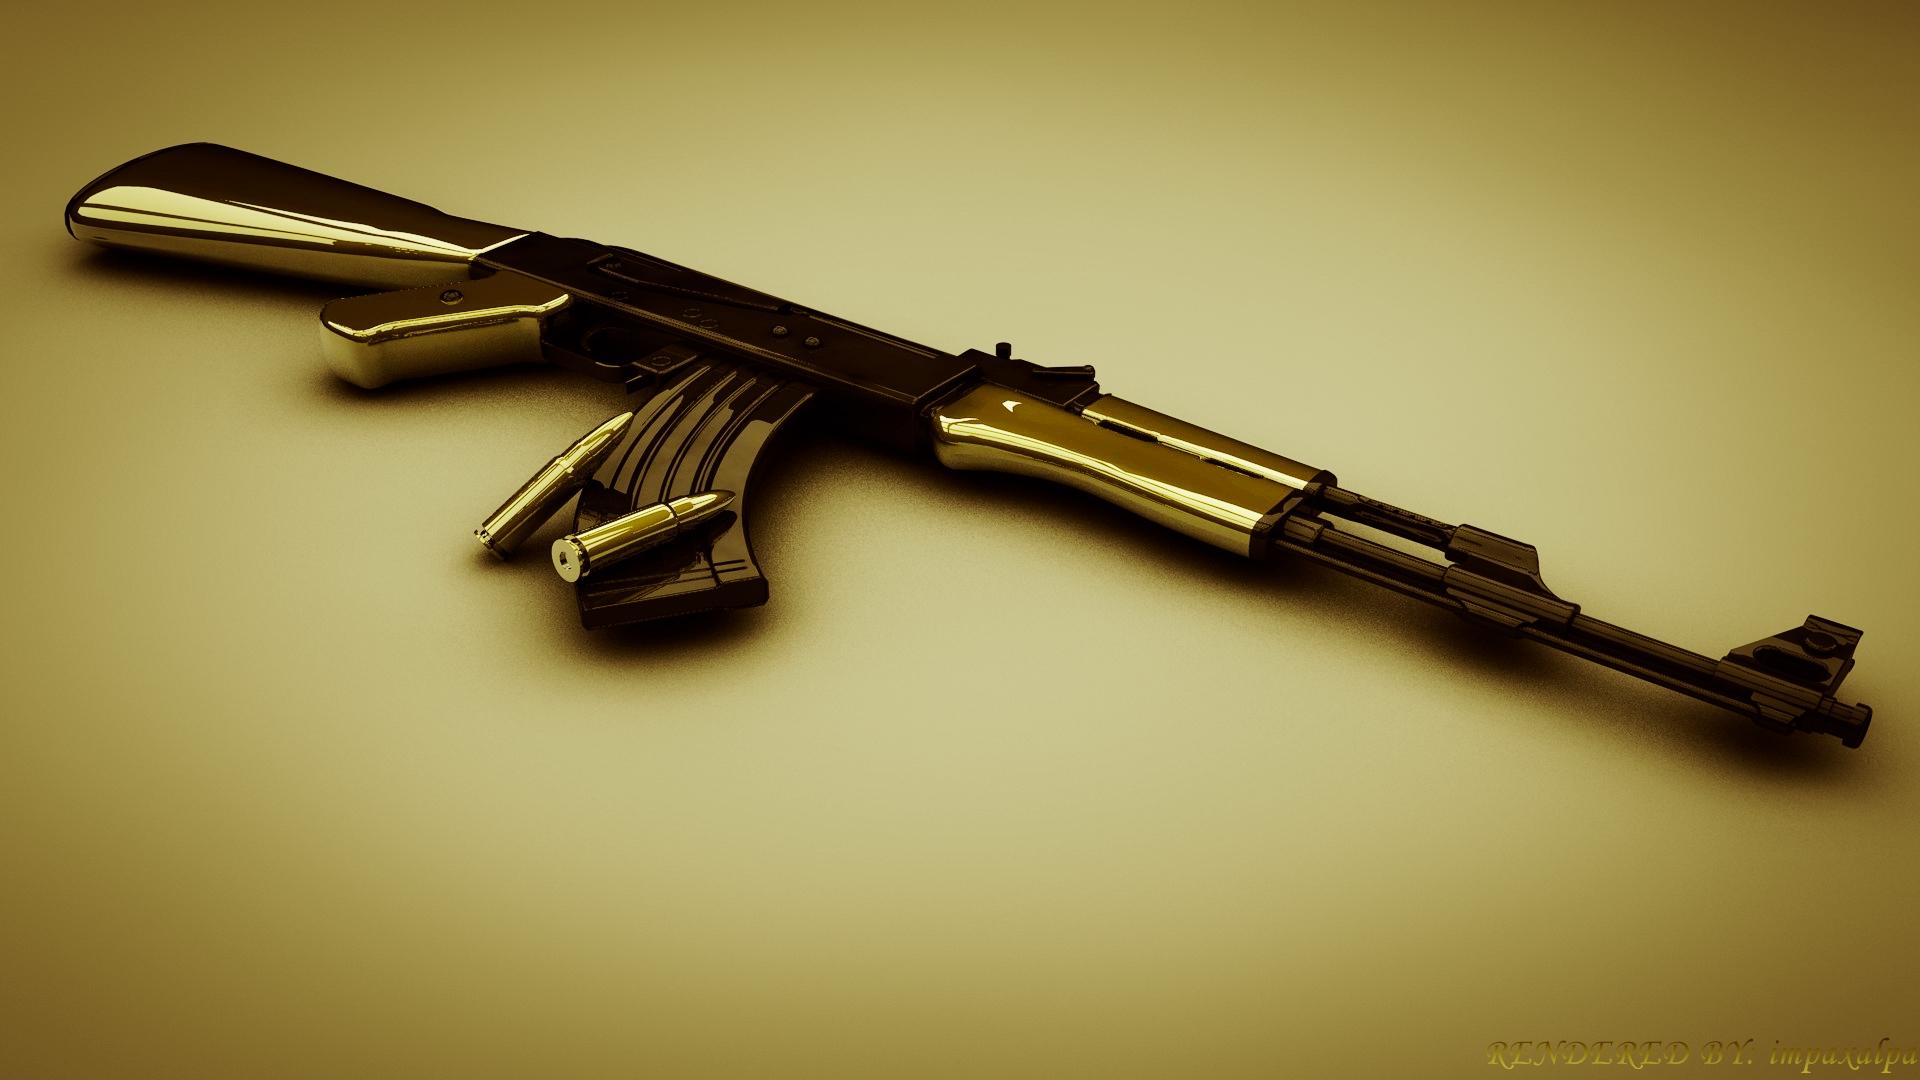 AK 47 Wallpaper by impaxalpa 1920x1080